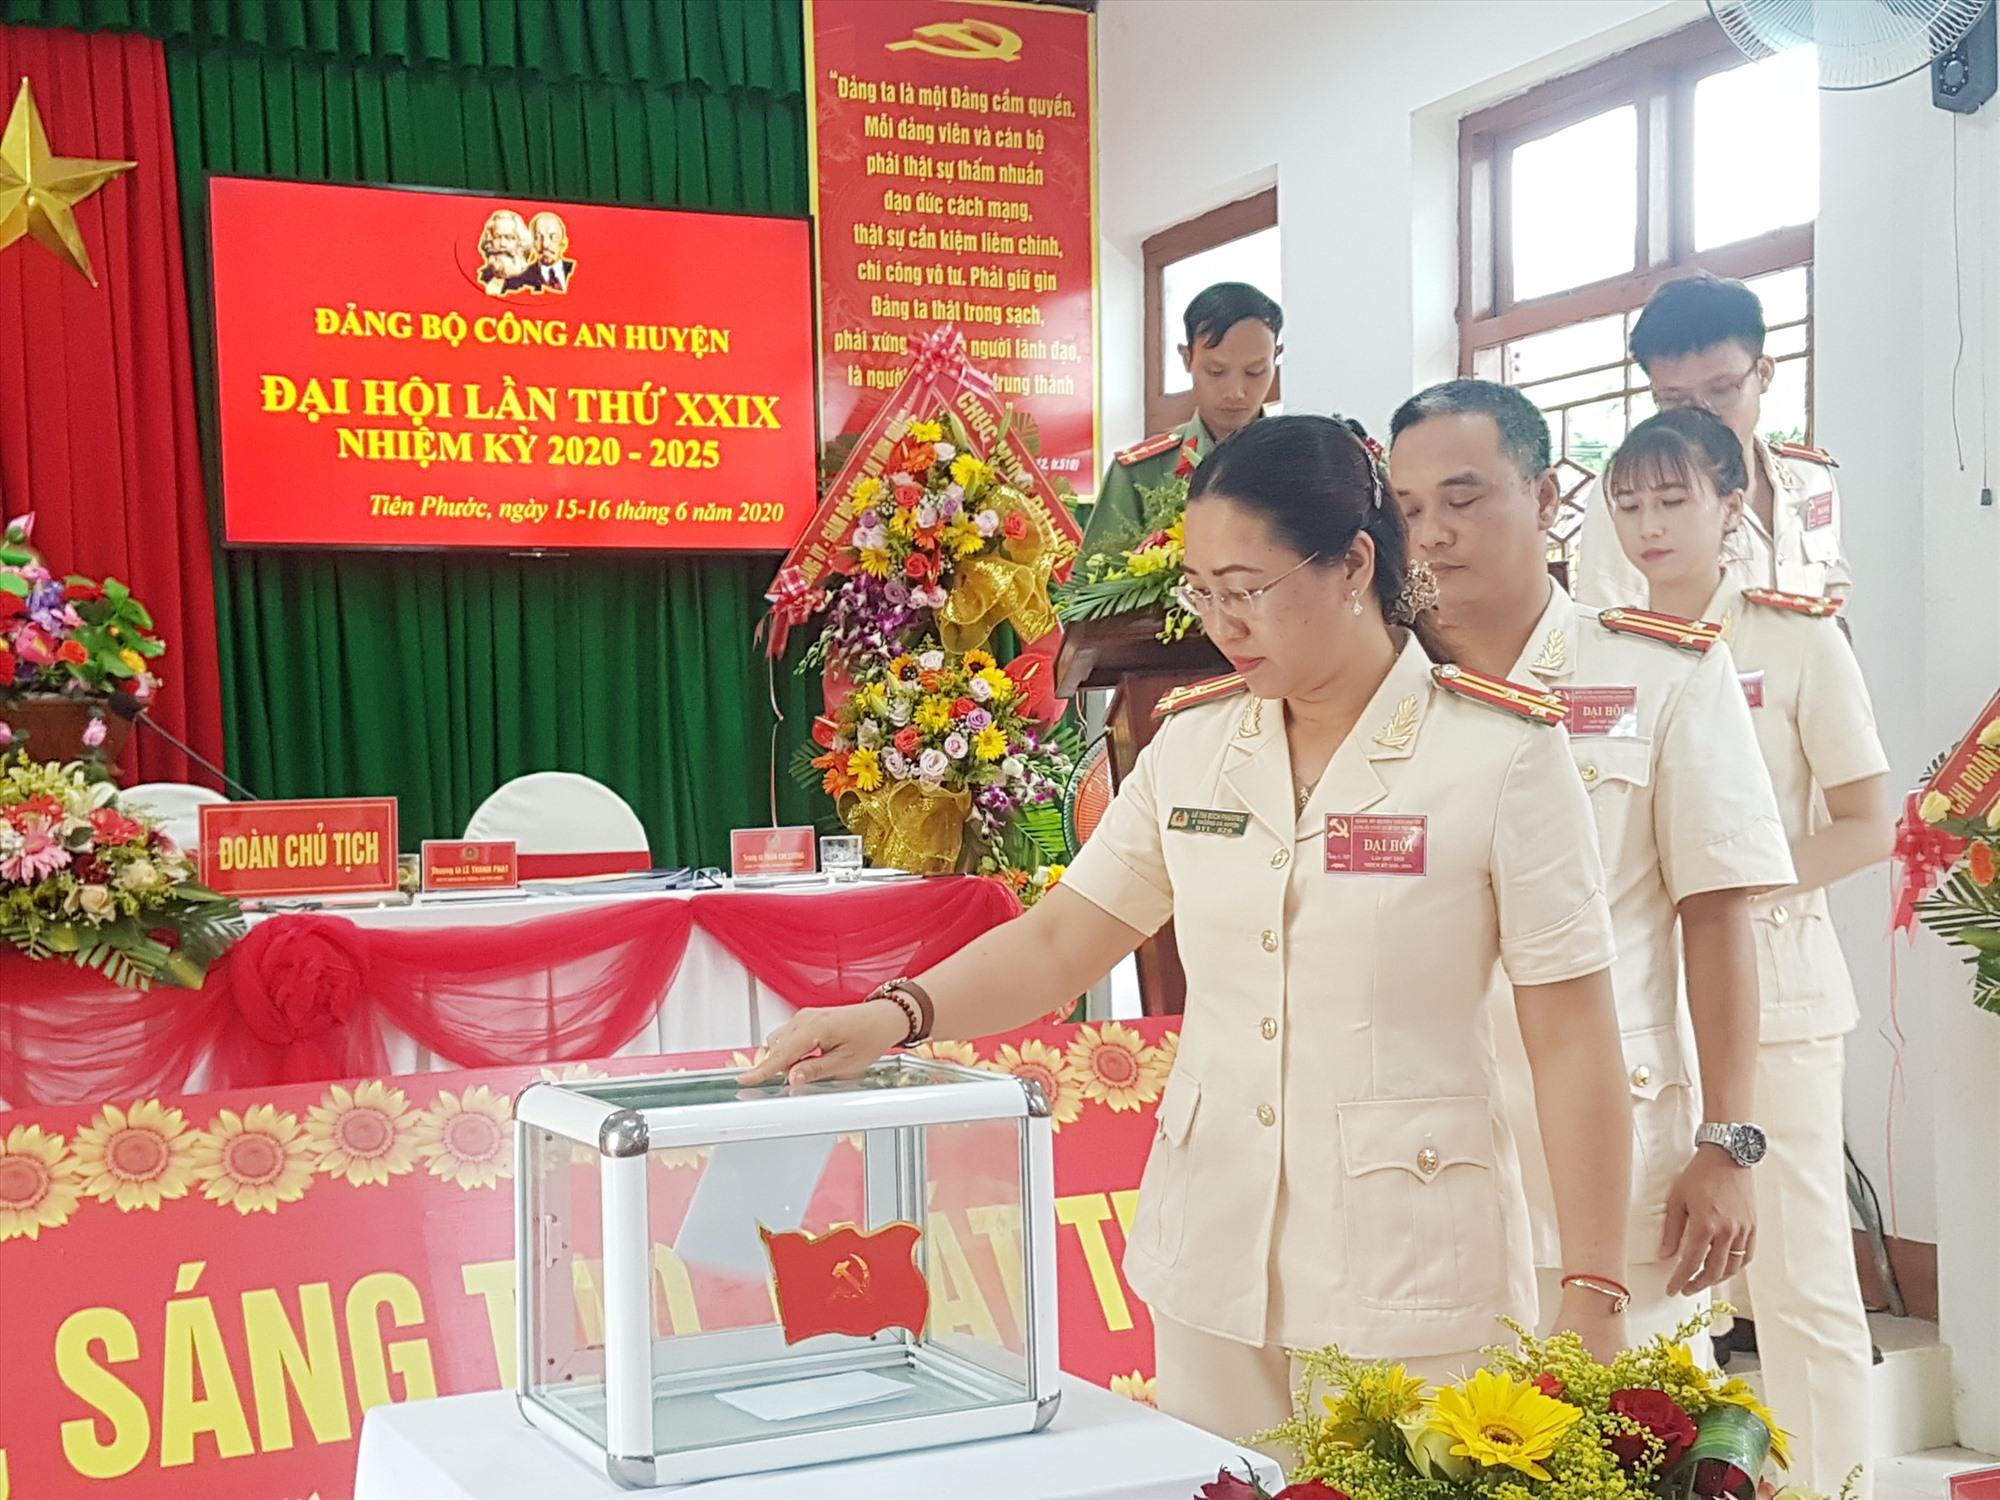 Chất lượng cấp ủy cơ sở nhiệm kỳ 2020 - 2025 ở Tiên Phước được đánh giá đạt so với yêu cầu. TRONG ẢNH: Bầu cử tại Đại hội Đảng bộ Công an huyện Tiên Phước. Ảnh: D.L